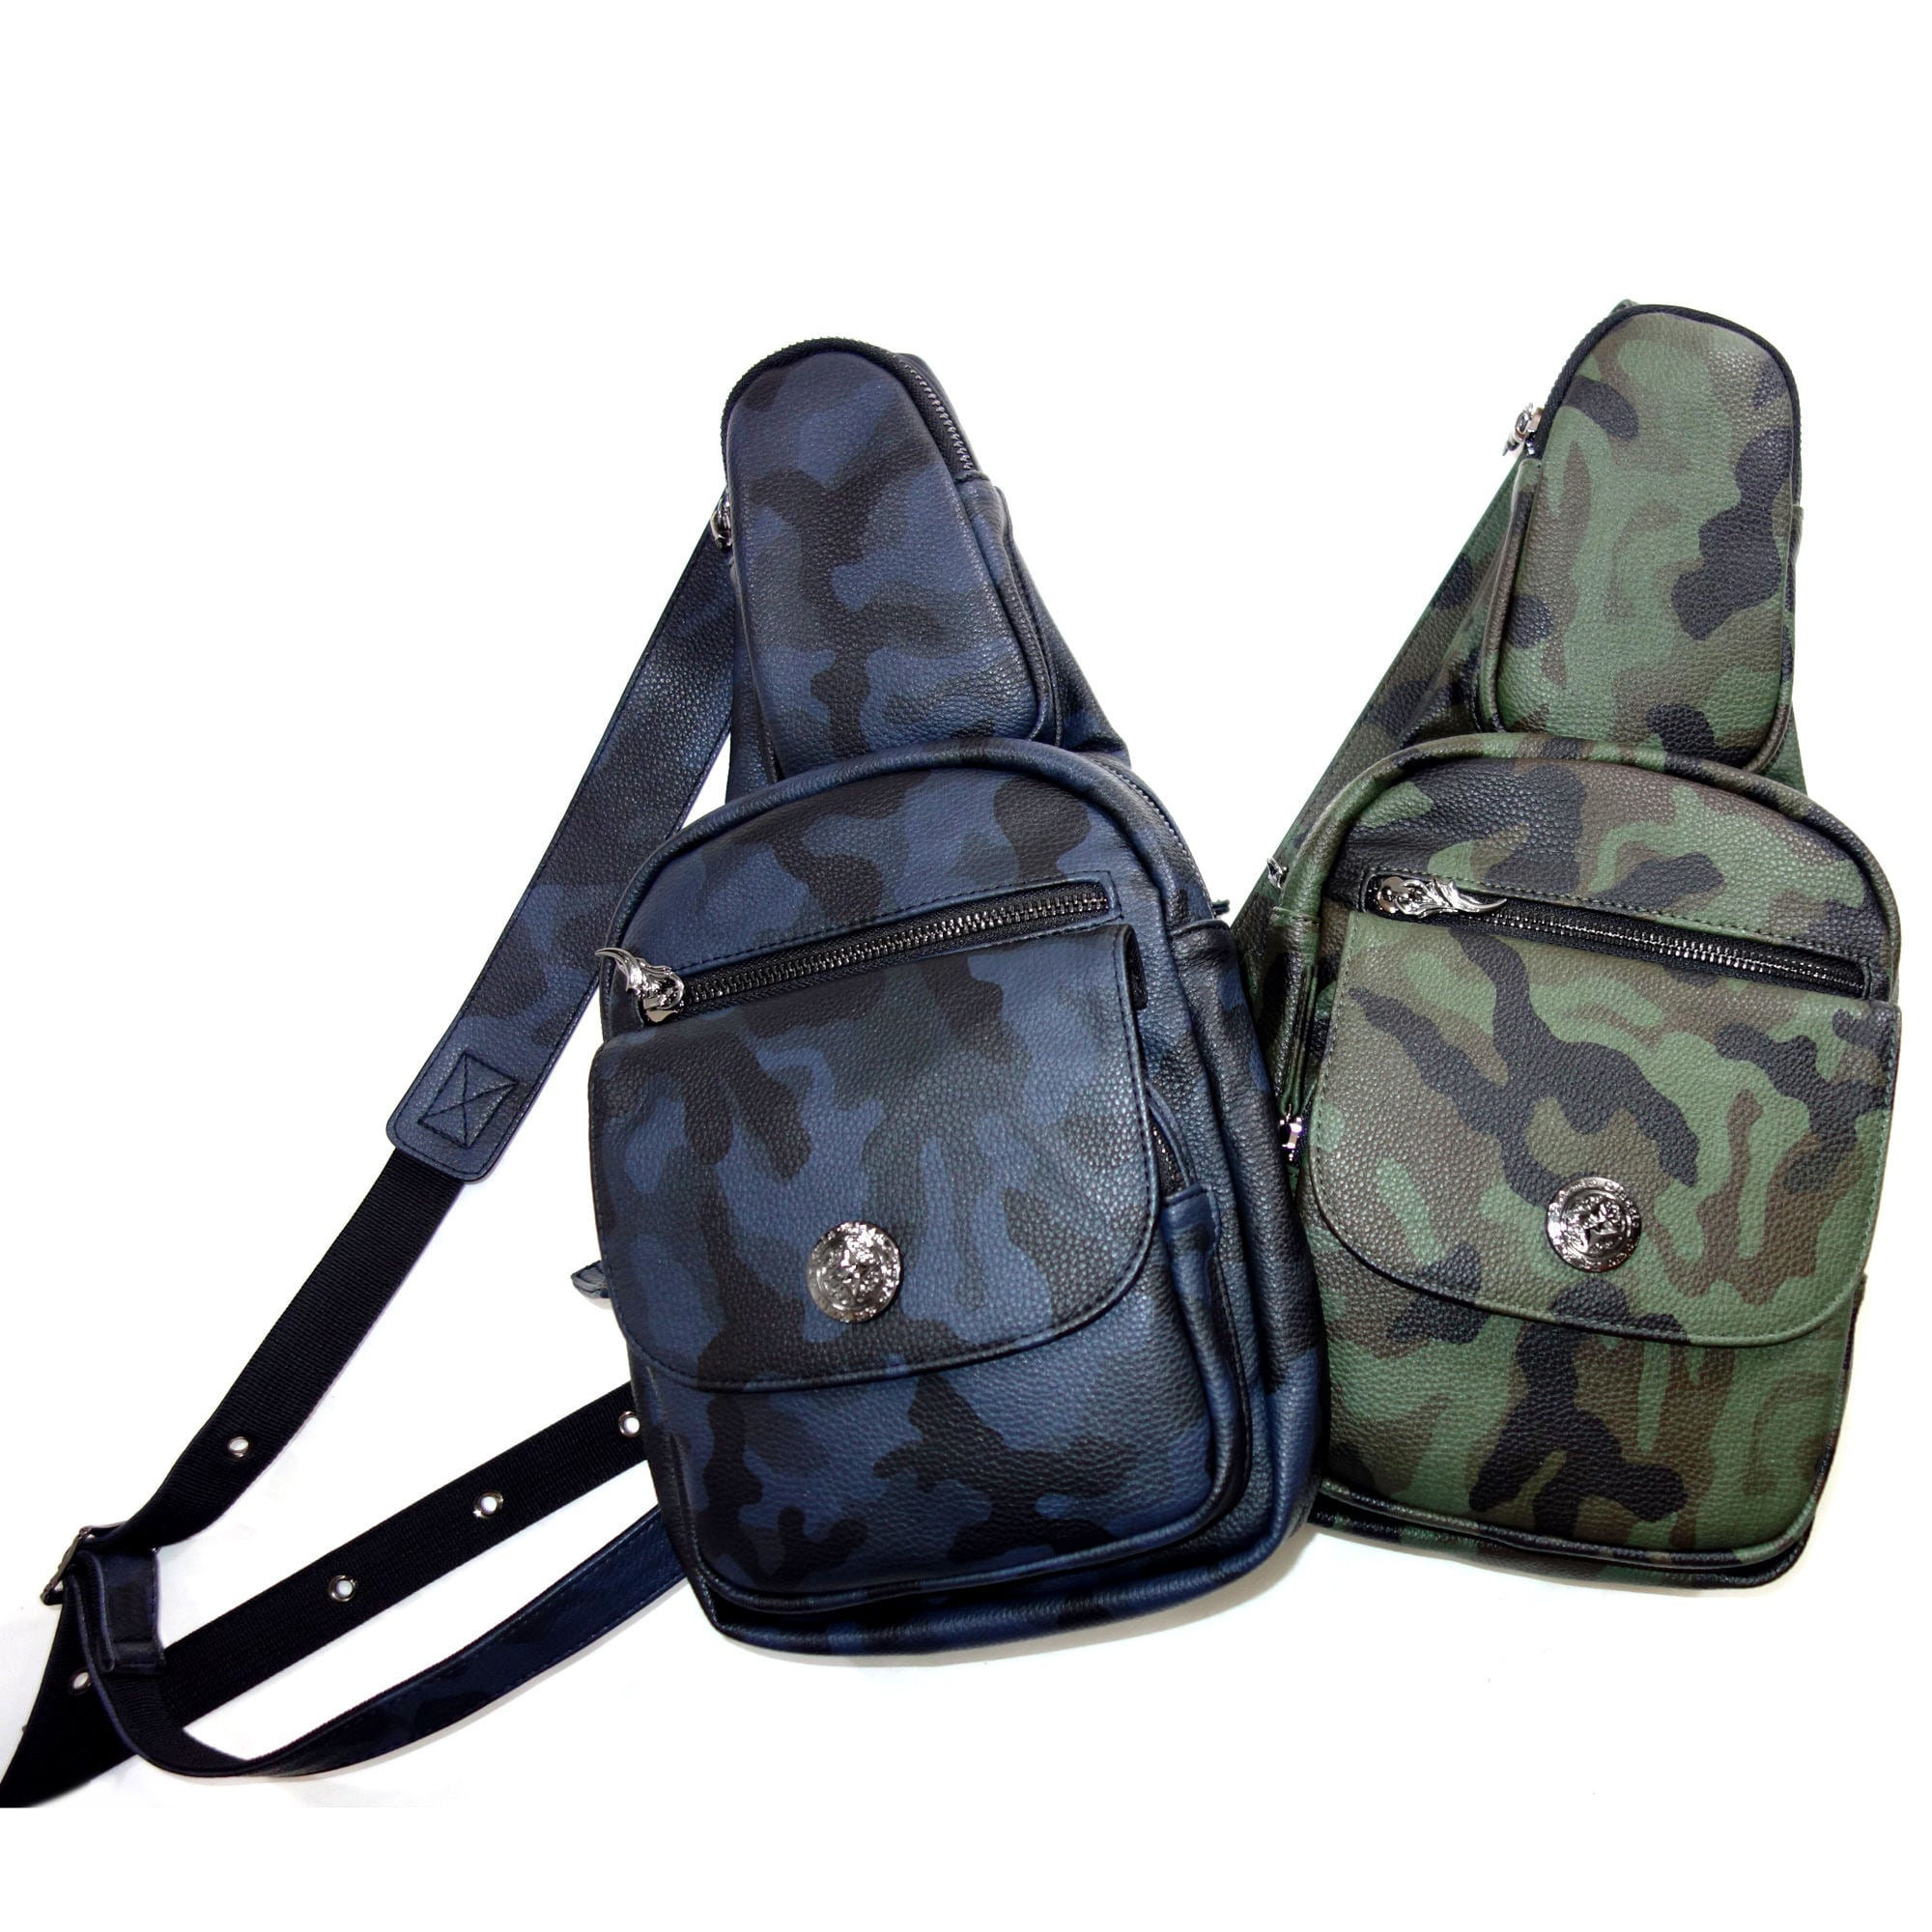 カモフラワンショルダーバッグ(ミッドナイトチャコール/オリーブカーキ) ACBG0030 Camouflage One Shoulder Bag (Midnight Charcoal / Olive Khaki)